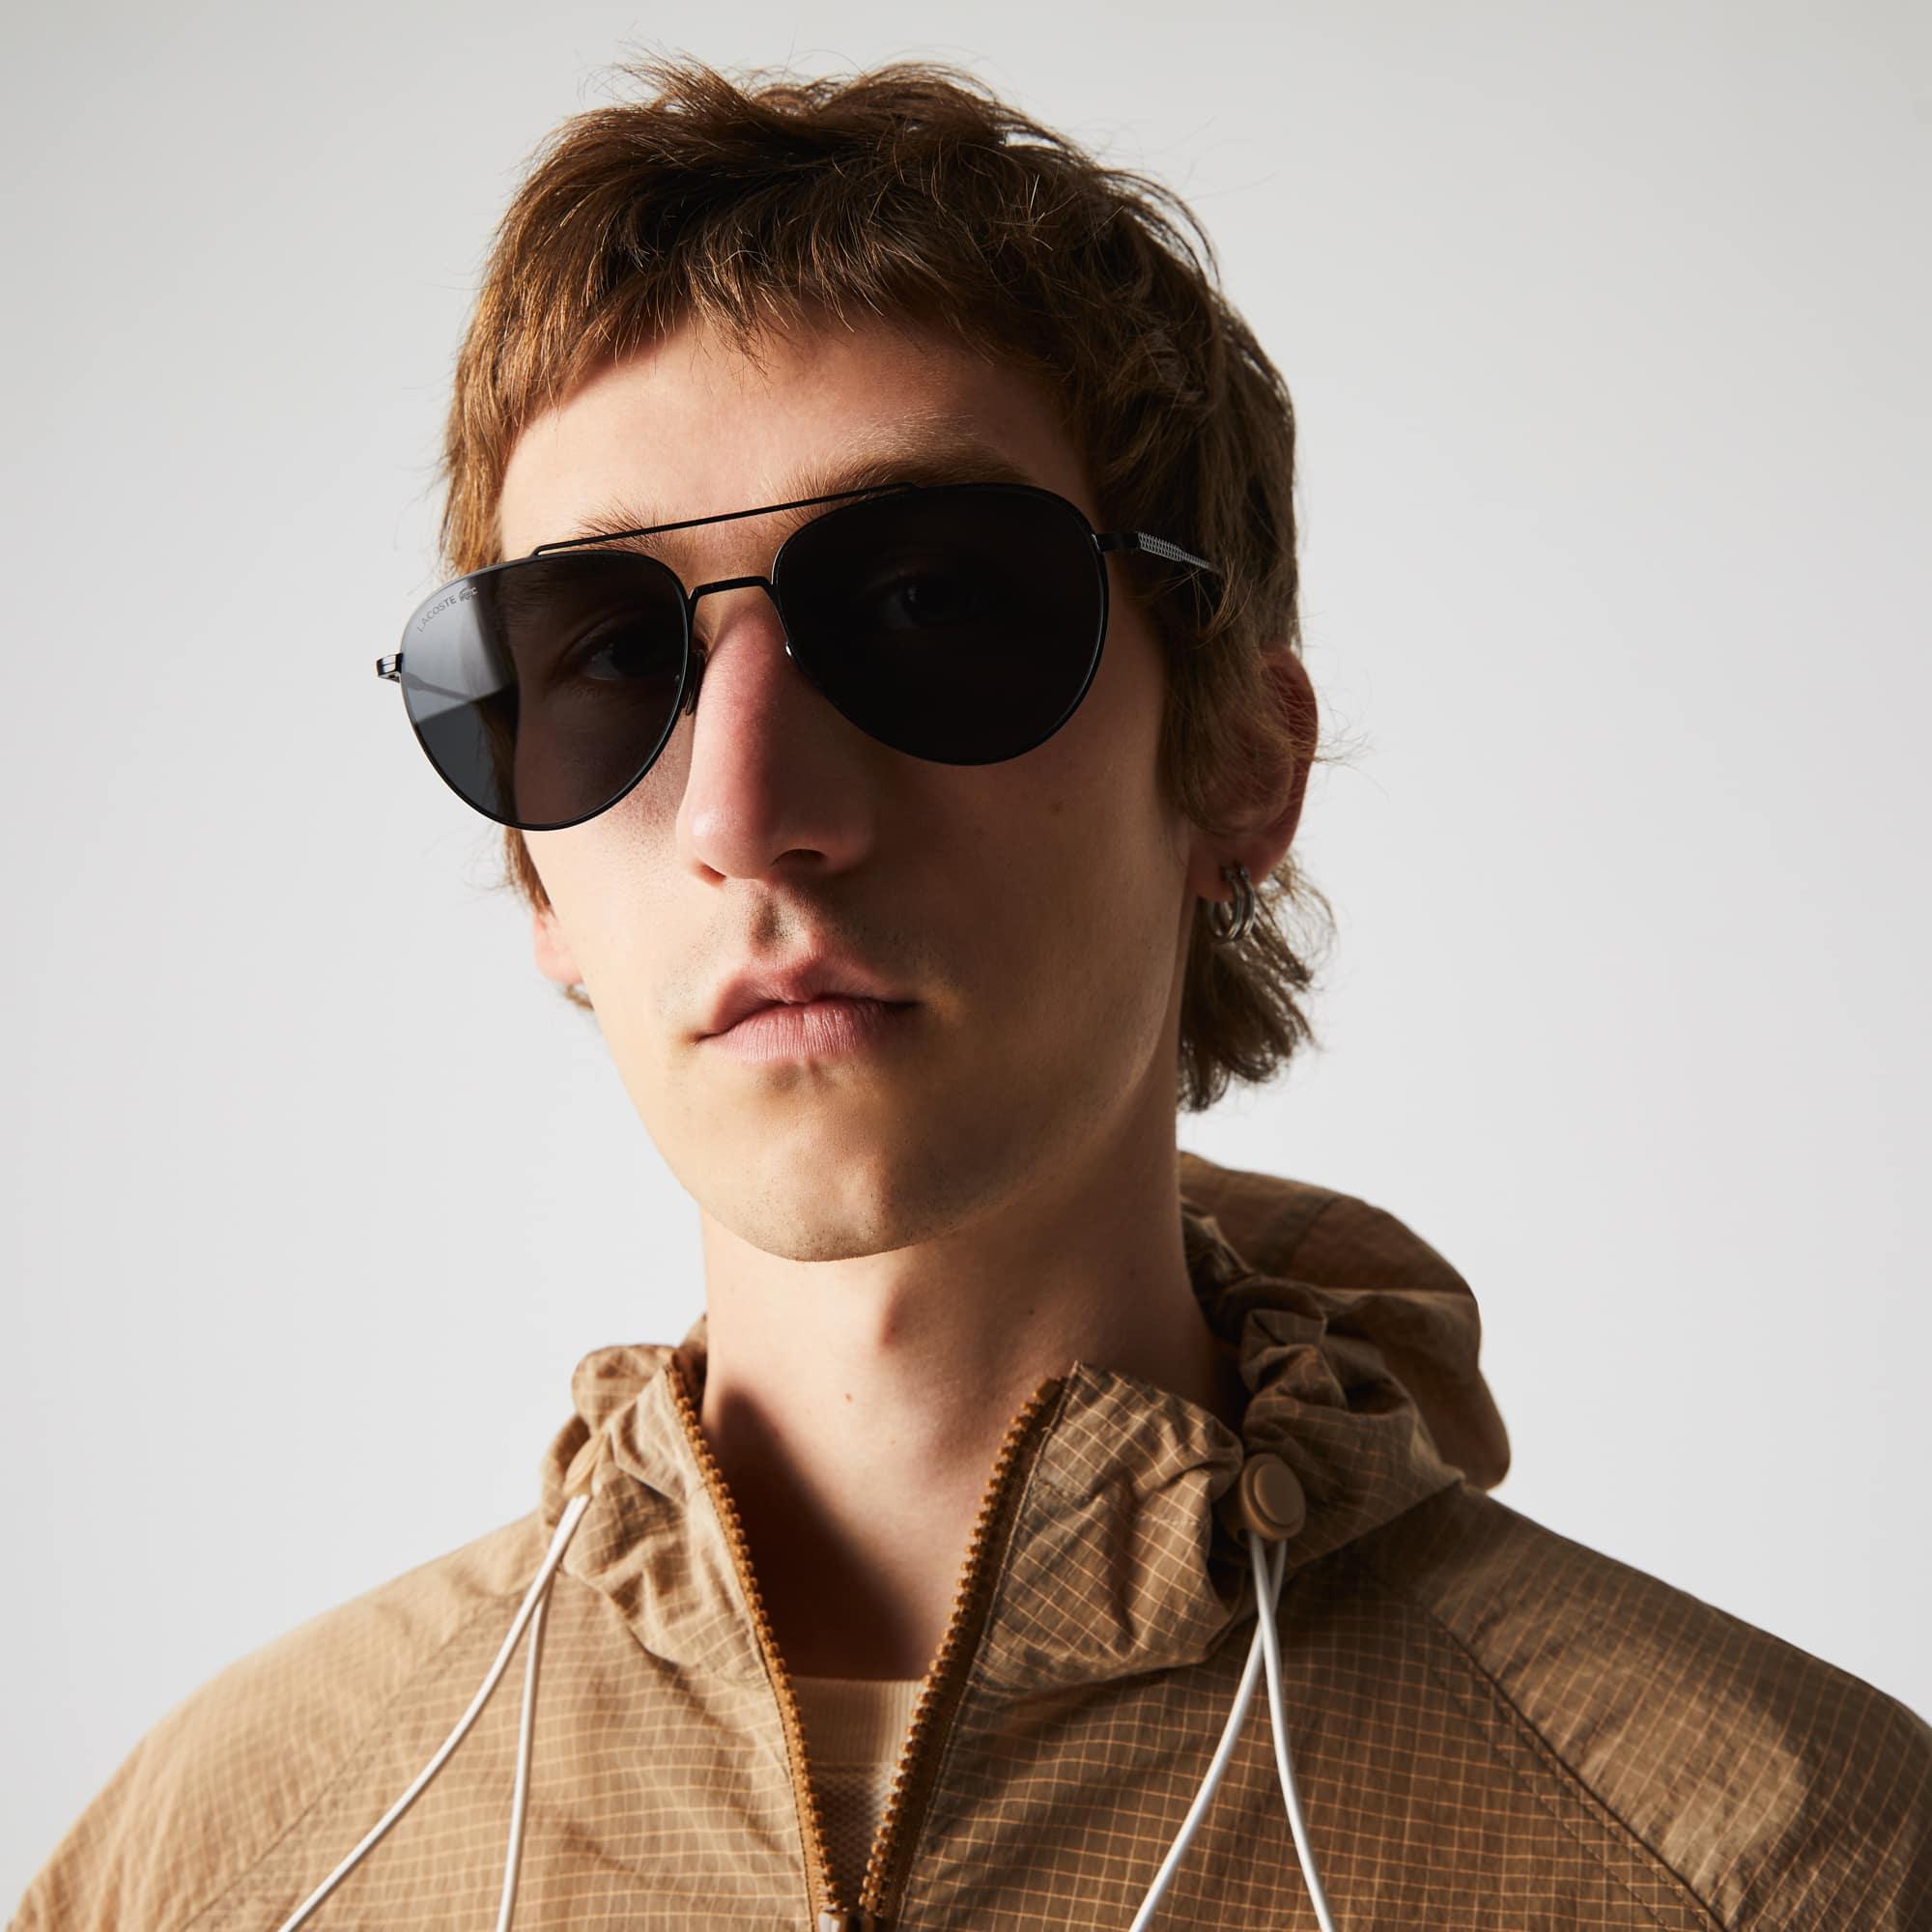 990e7d3ea3 Unisex Petit Piqué Sunglasses with Metal Frames